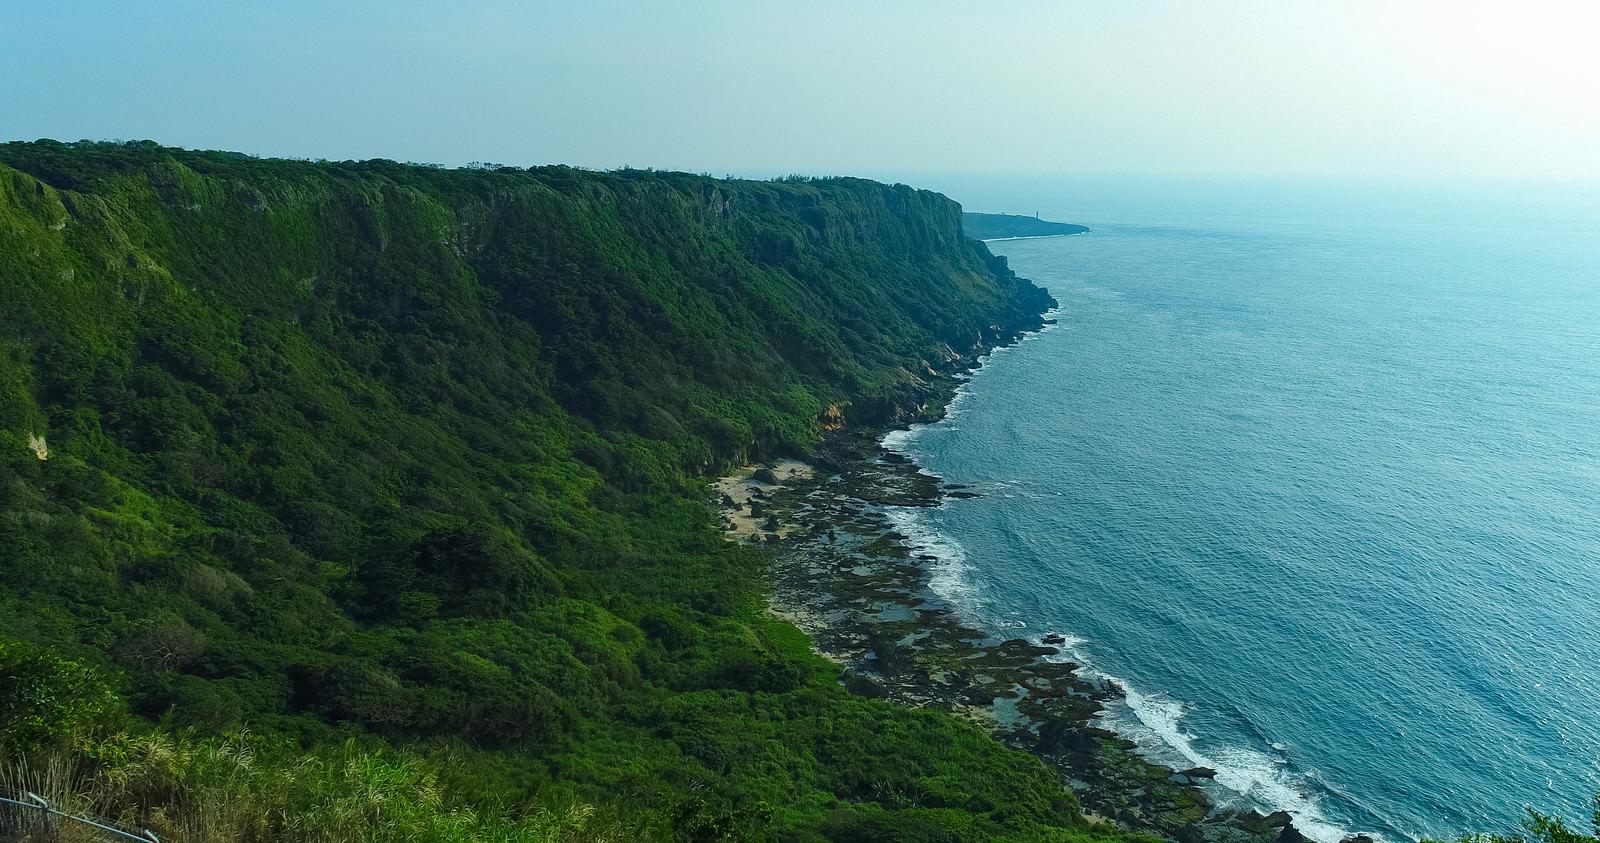 「隆起サンゴ礁と犬の門蓋の奇岩の景観隆起サンゴ礁と犬の門蓋の奇岩の景観」のフリー写真素材を拡大